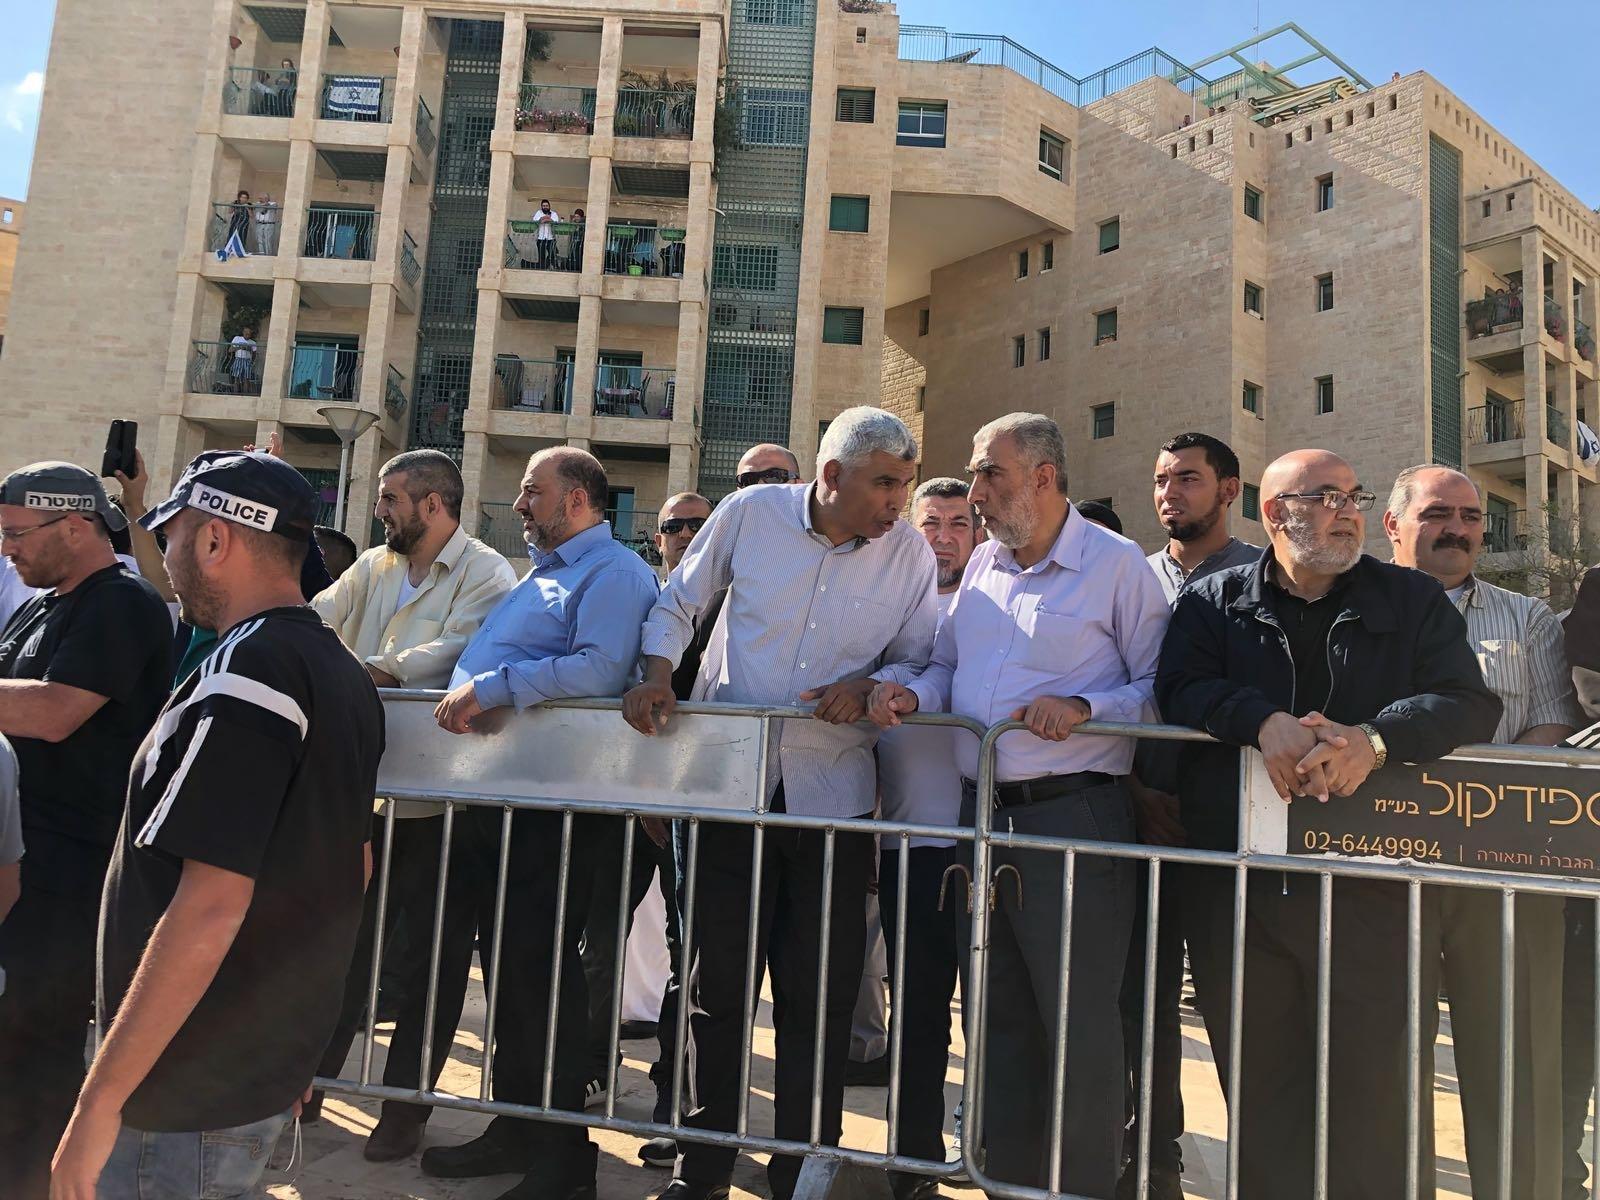 مظاهرة القدس: الاعتداء على متظاهرين وقيادات فلسطينية، اعتقالات، ومصادرة الأعلام!